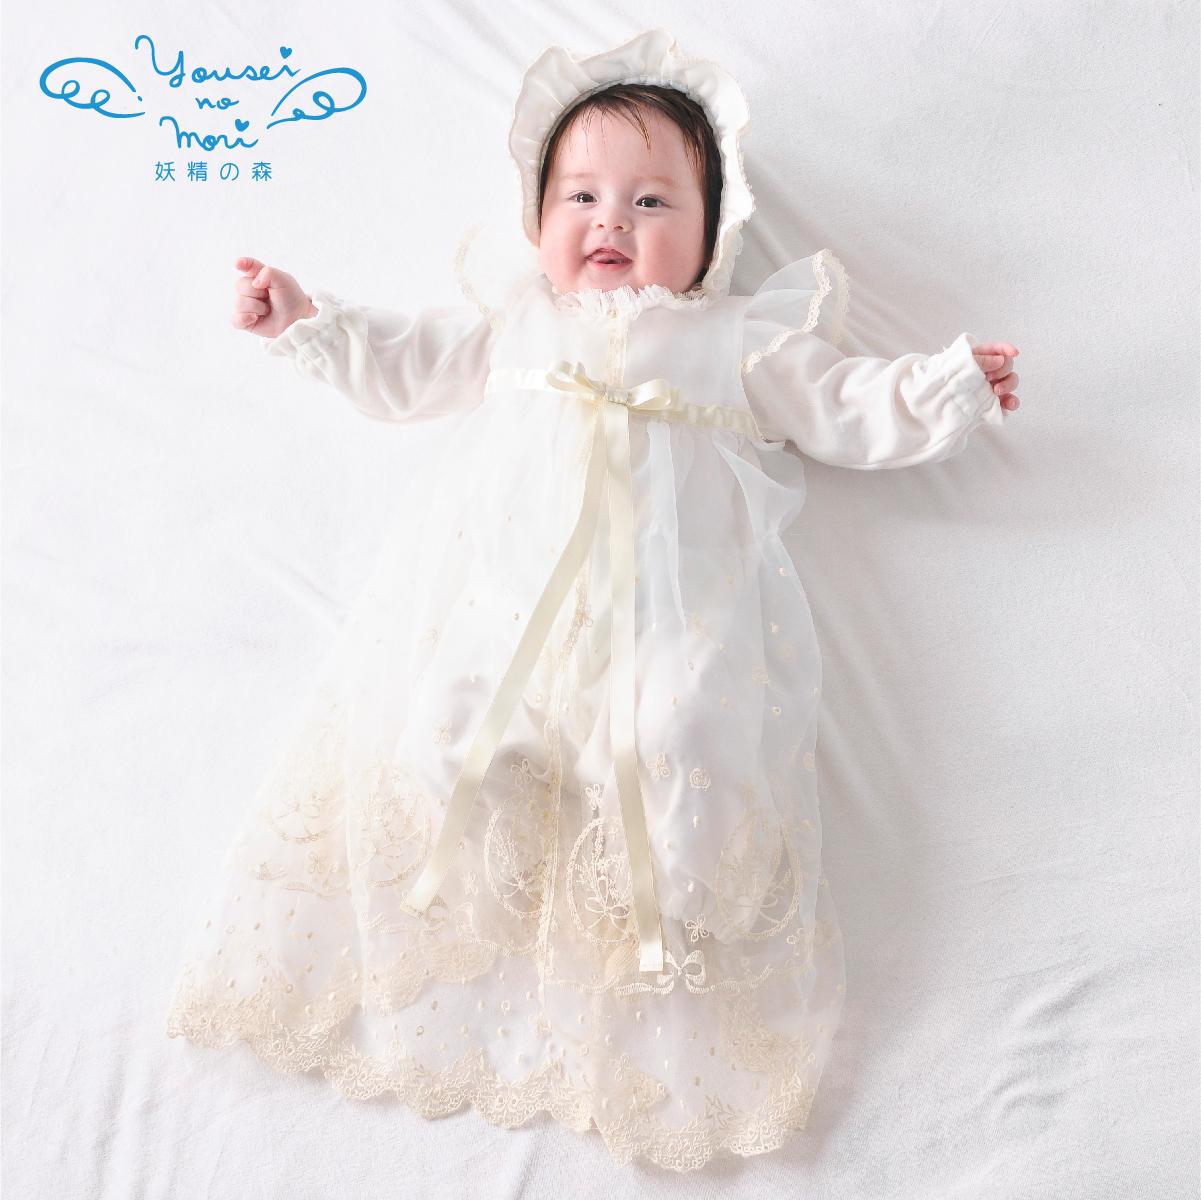 【あす楽】Yousei no mori 妖精の森クラシカルレースのセレモニードレス3点セット ホワイト《赤ちゃん ベビー ドレス ベビー服》